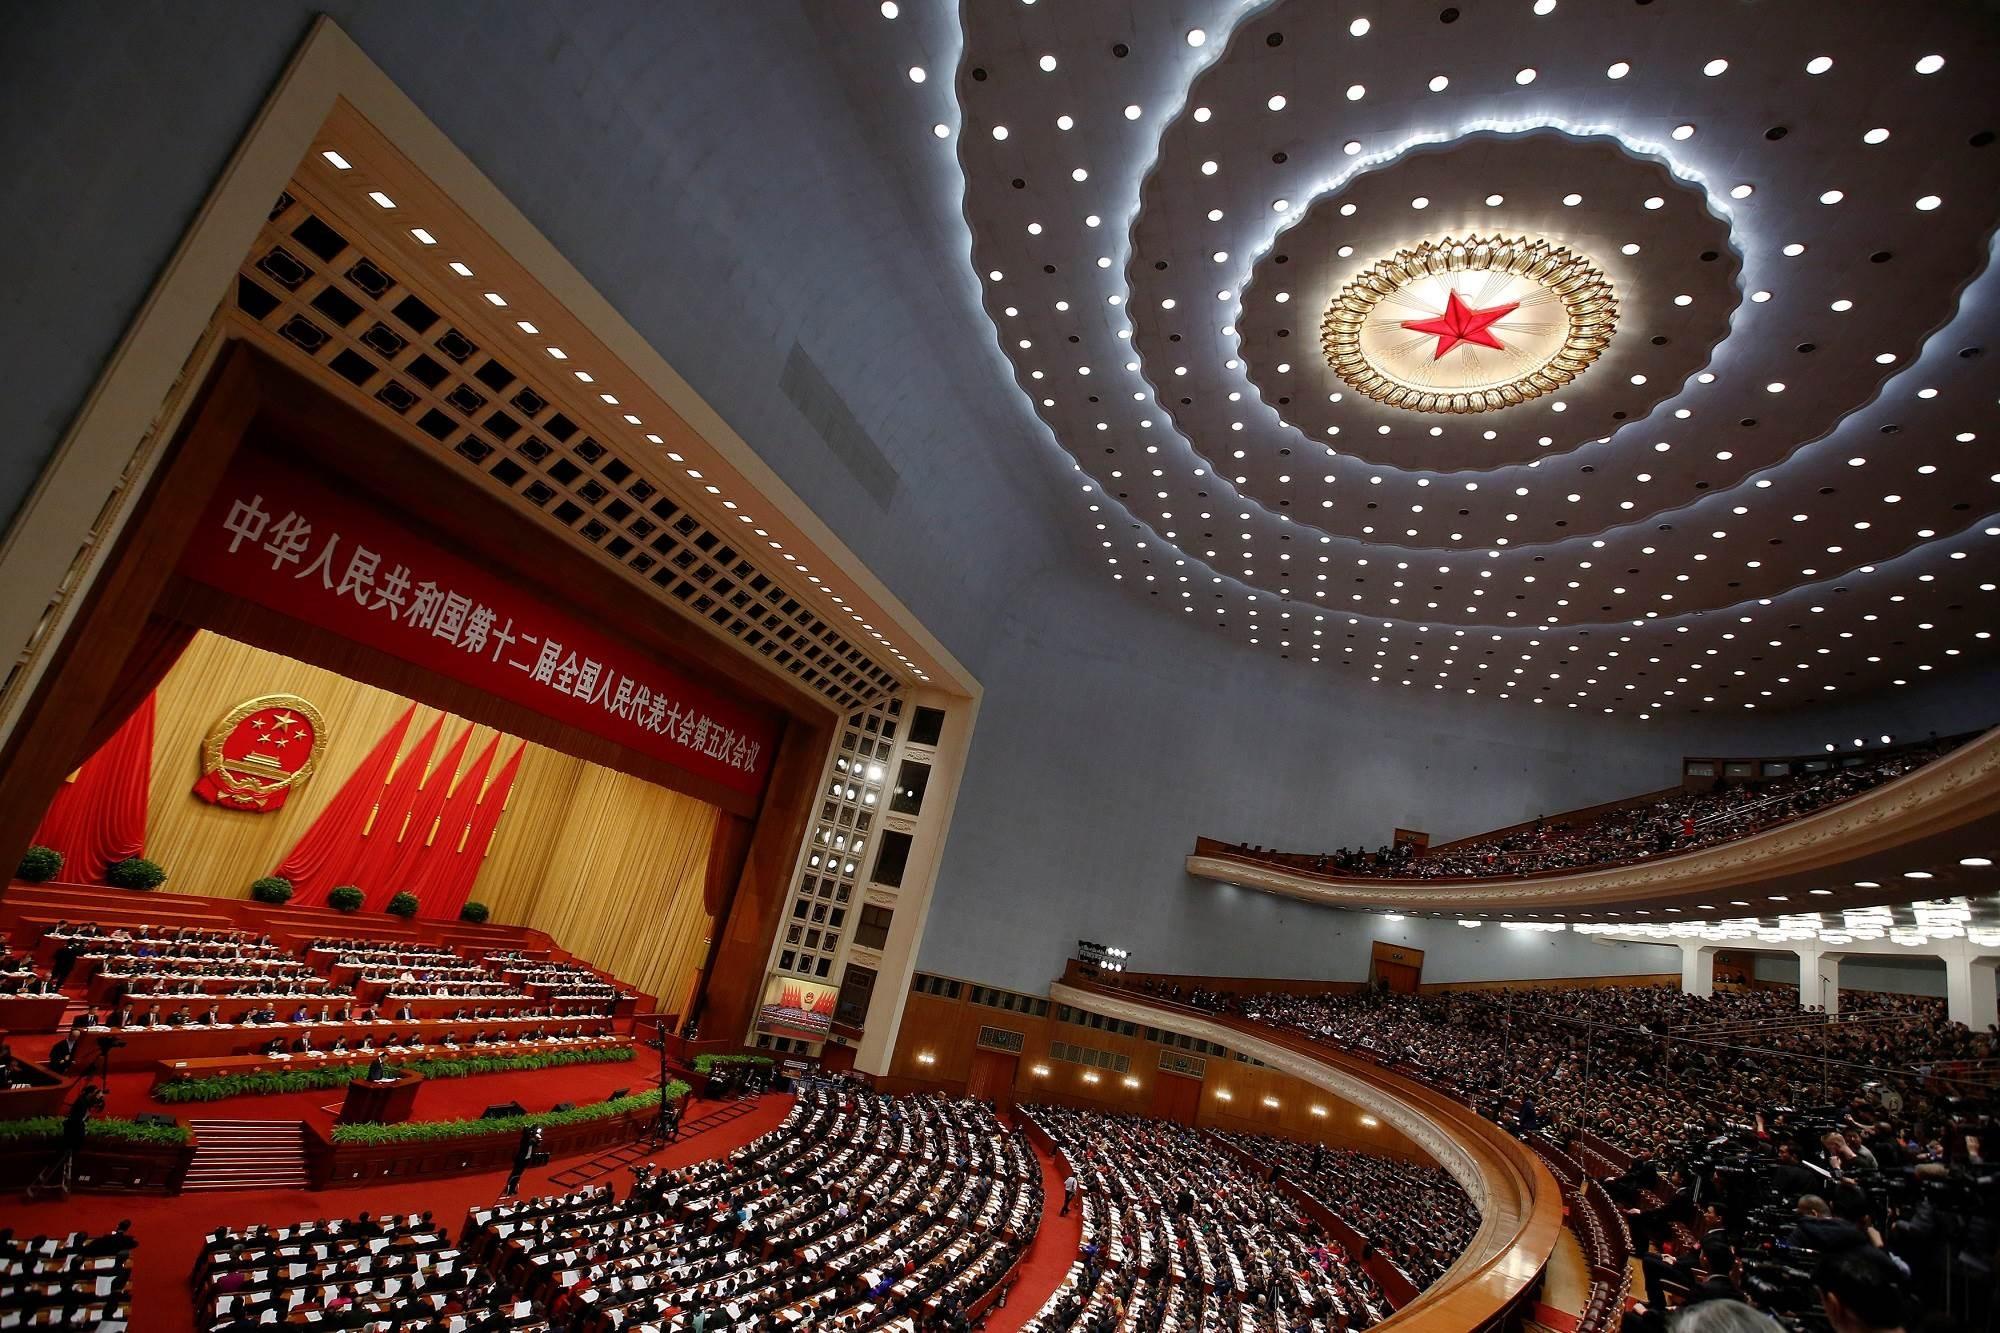 الصين: مشروع القانون يهدف إلى مواجهة الأنشطة الانفصالية والرقابة ومكافحة الإرهاب